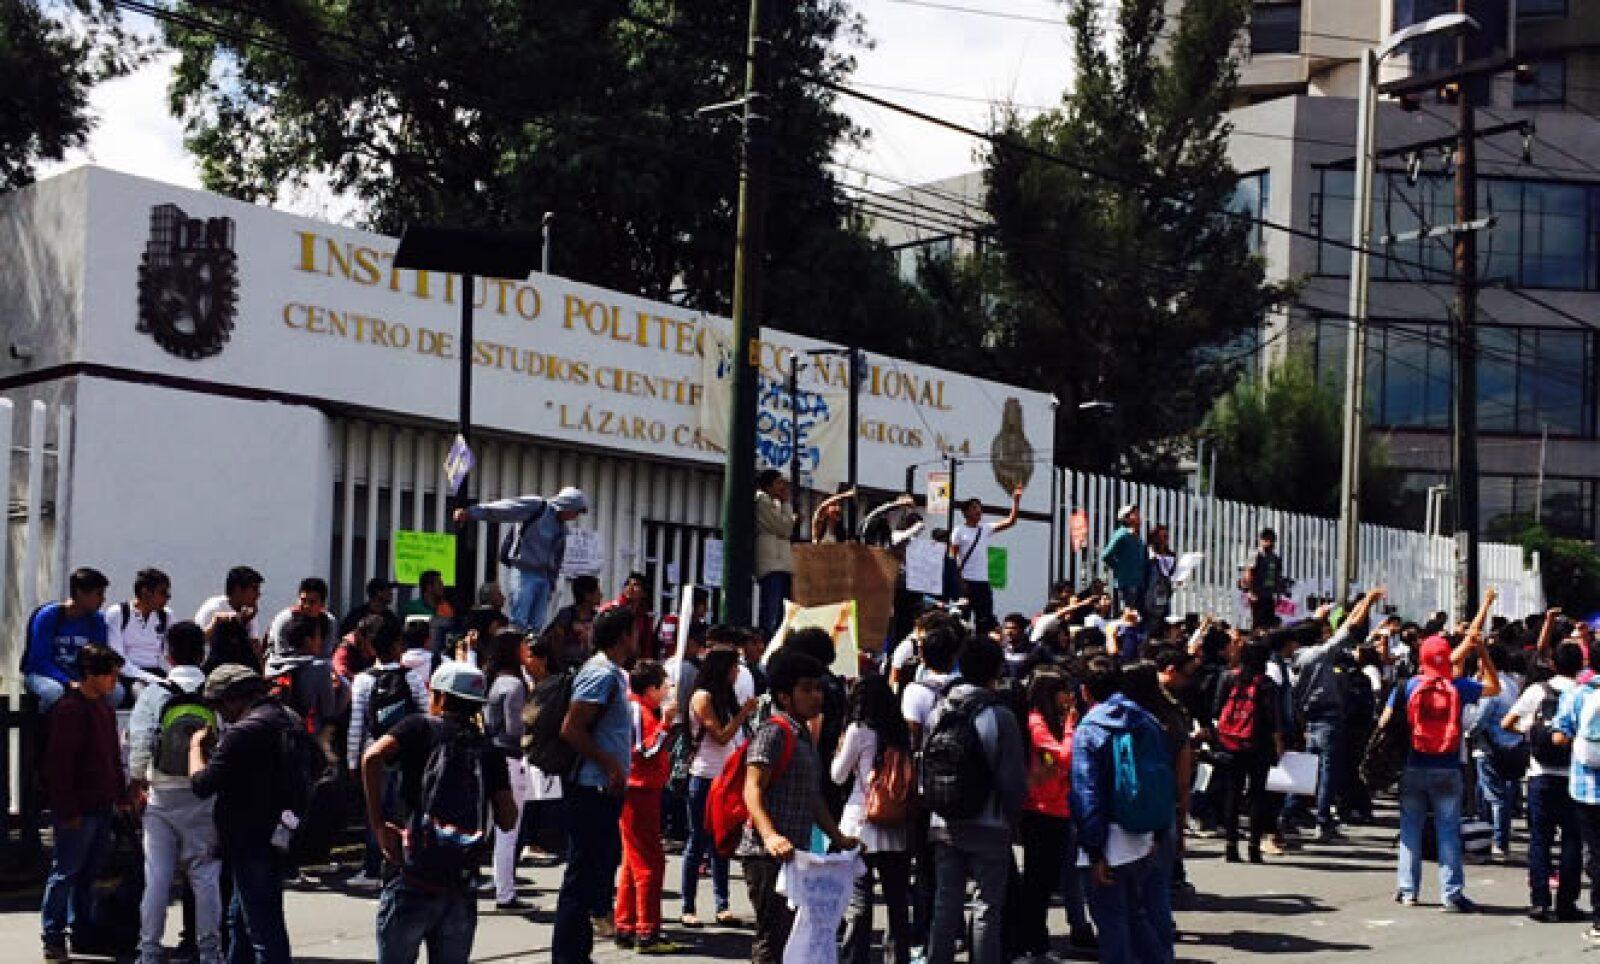 Cientos de estudiantes del Instituto Politécnico Nacional (IPN) realizaron bloqueos a la circulación en avenidas como Constituyentes y Taxqueña en protesta contra las modificaciones en el plan de estudios y el reglamento interno.